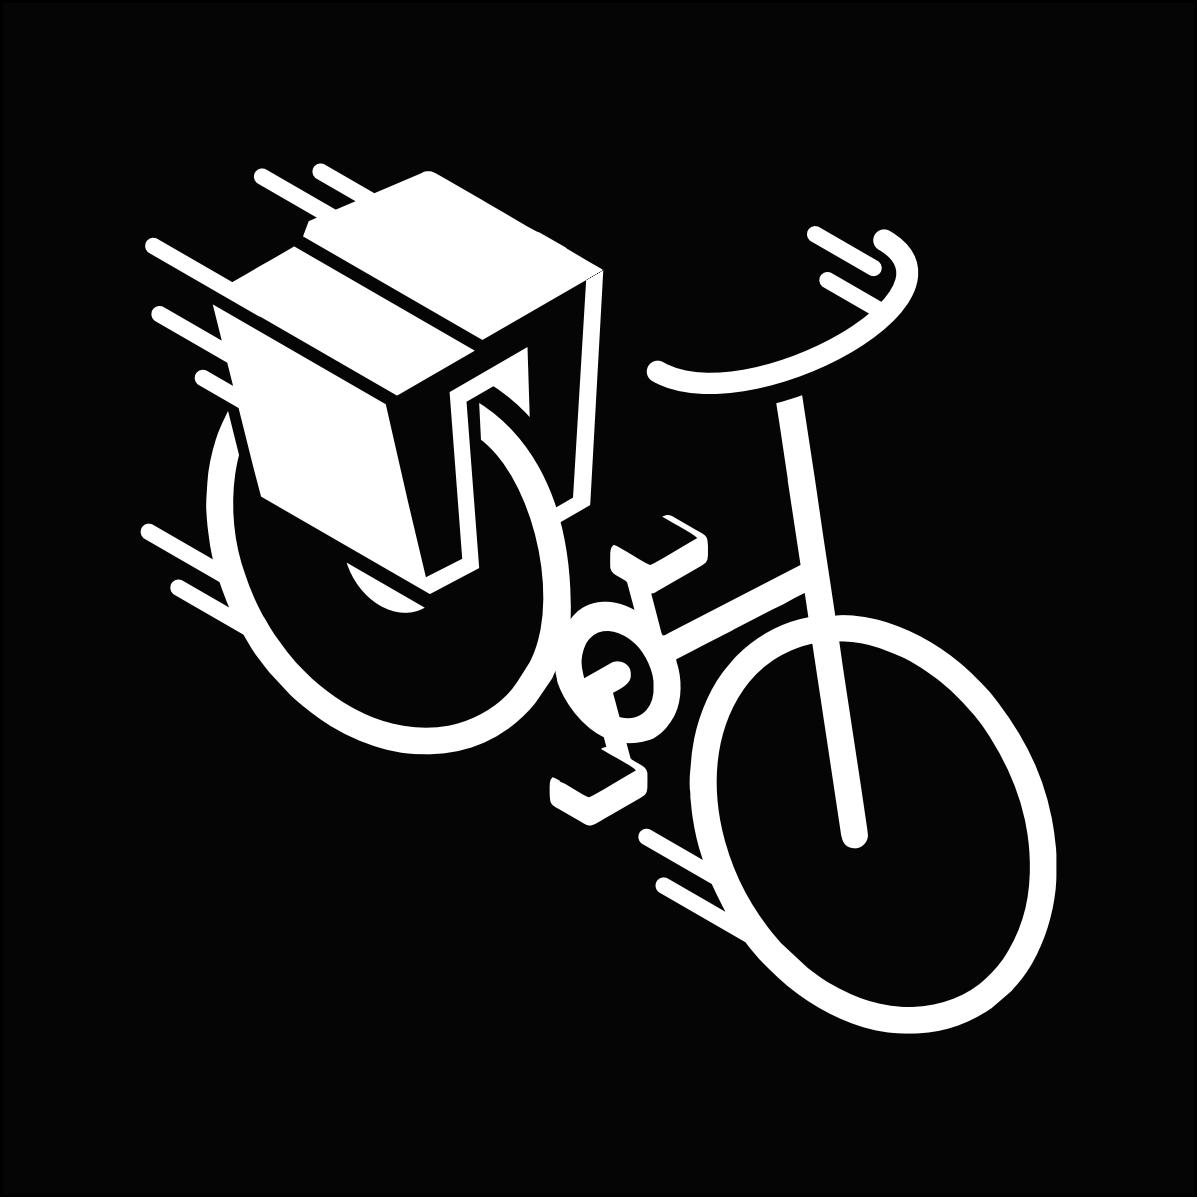 Bike box sticker